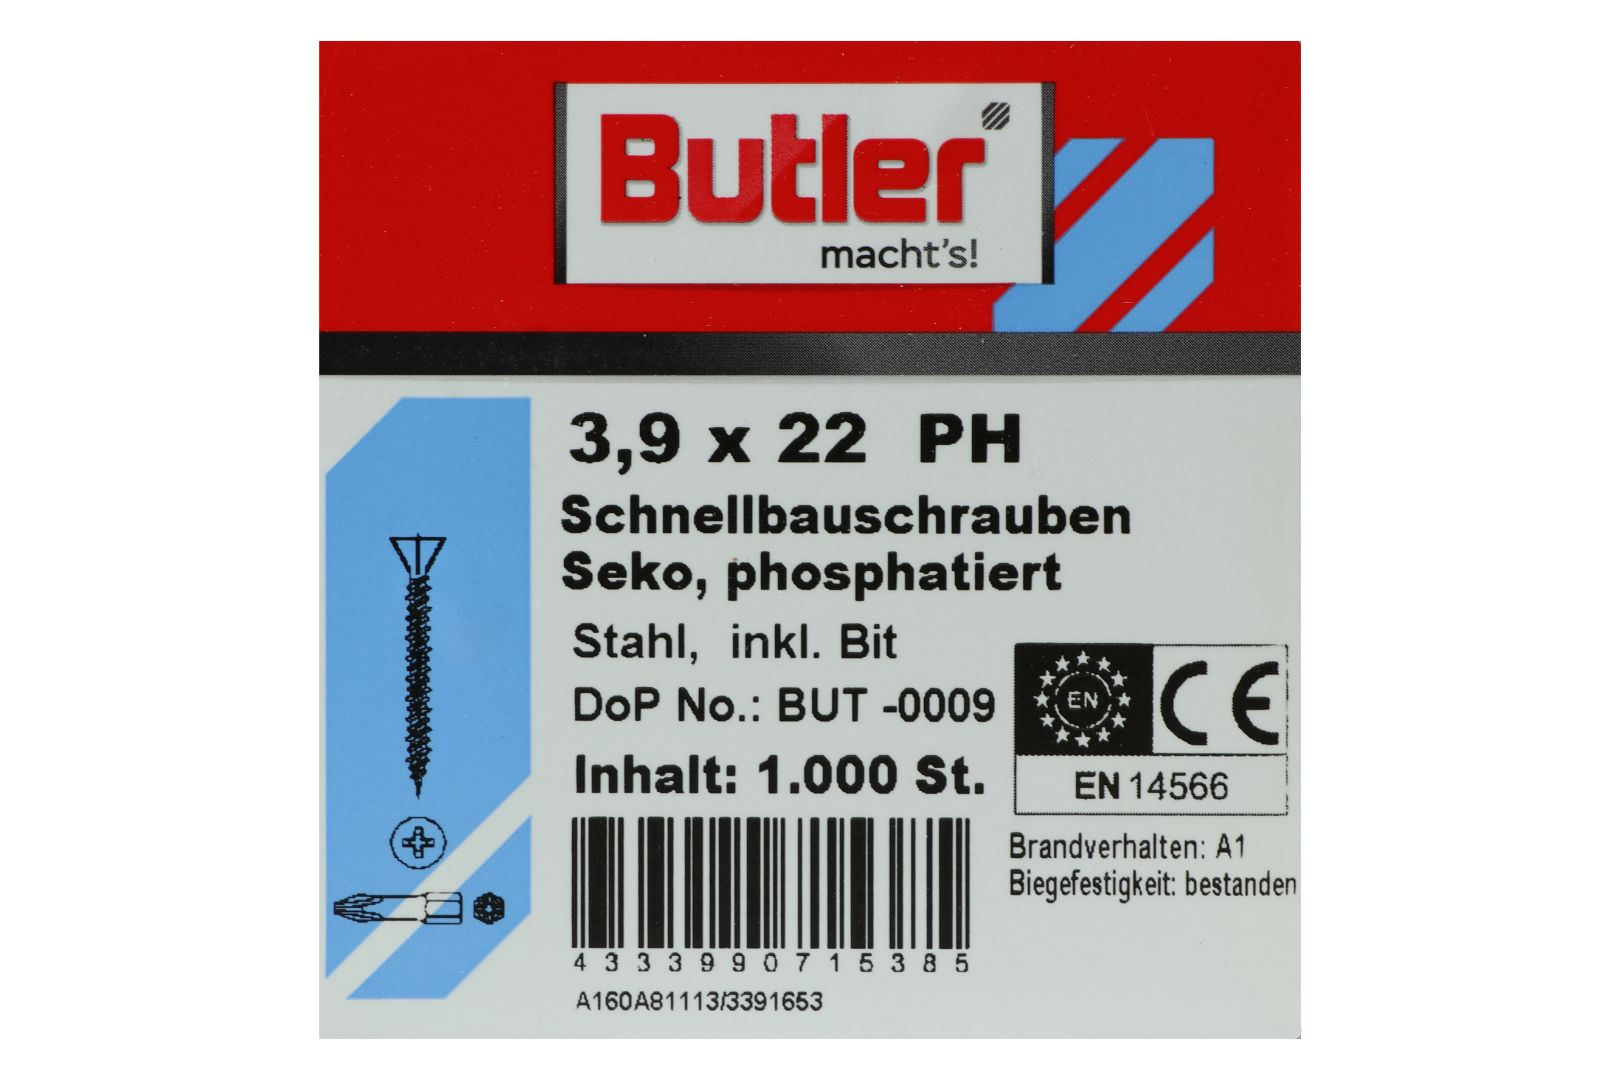 Butler macht's! Schnellbauschrauben inkl. Bit für Faserplatten auf Holz und Metall bis 0,6 mm, HiLo-Gewinde, PH2, 3,9 x 22 mm, 1.000 Stück